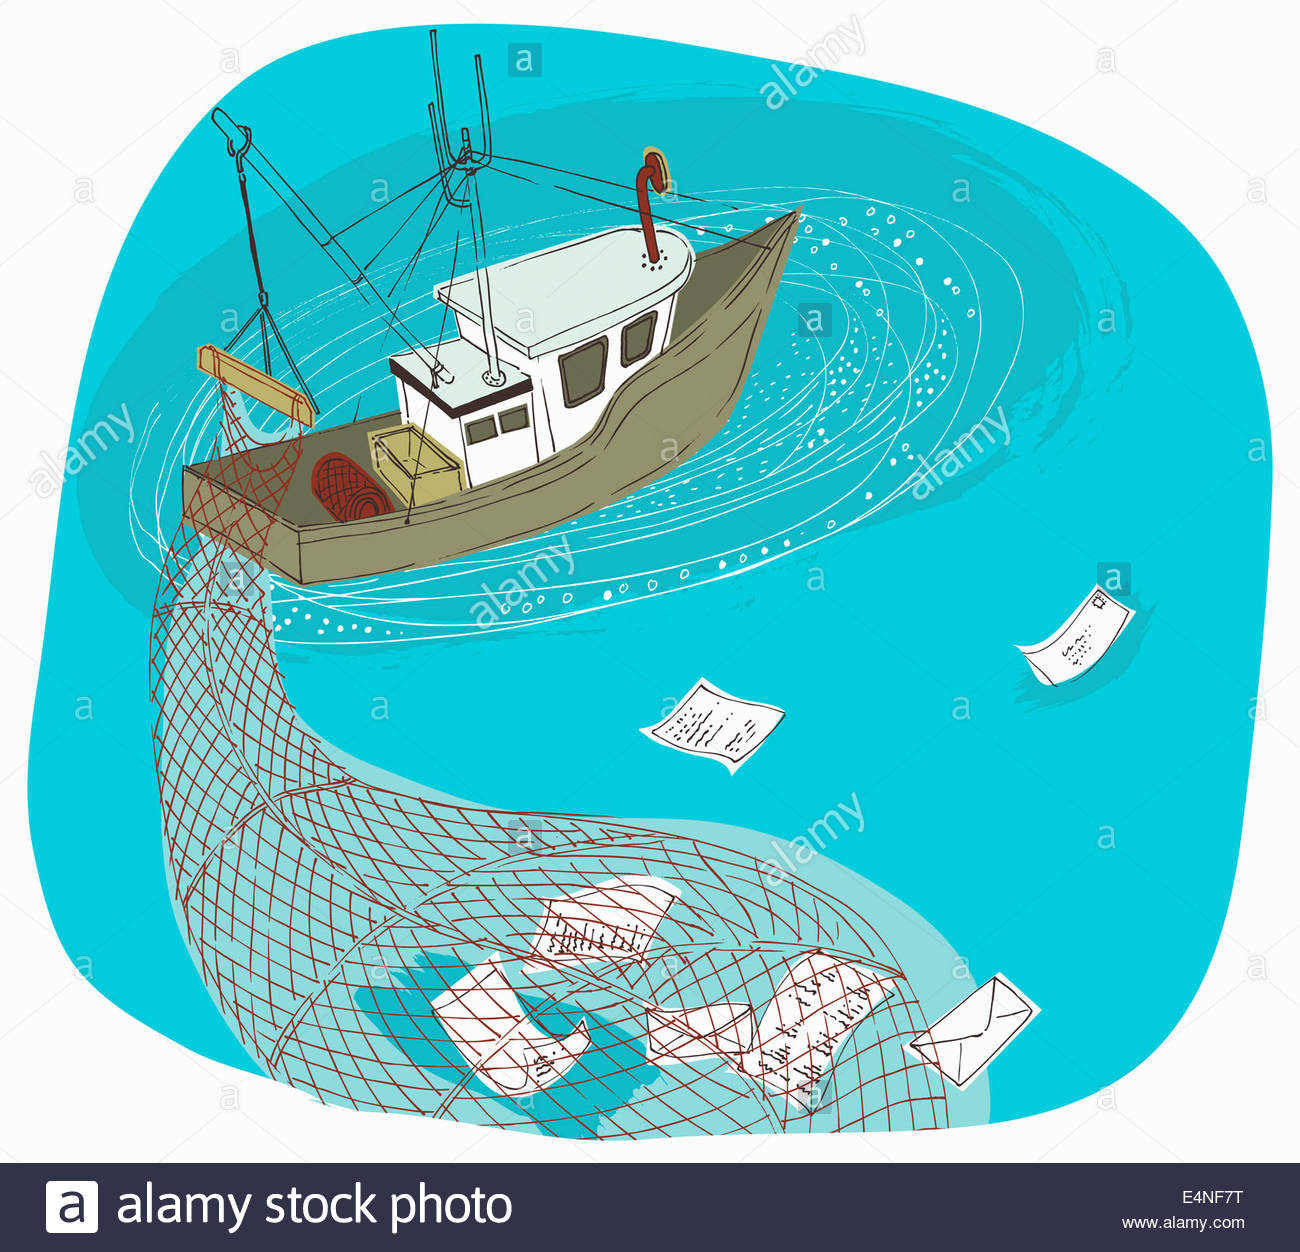 Trawler imbarcazione con net phishing e la raccolta di informazioni Immagini Stock